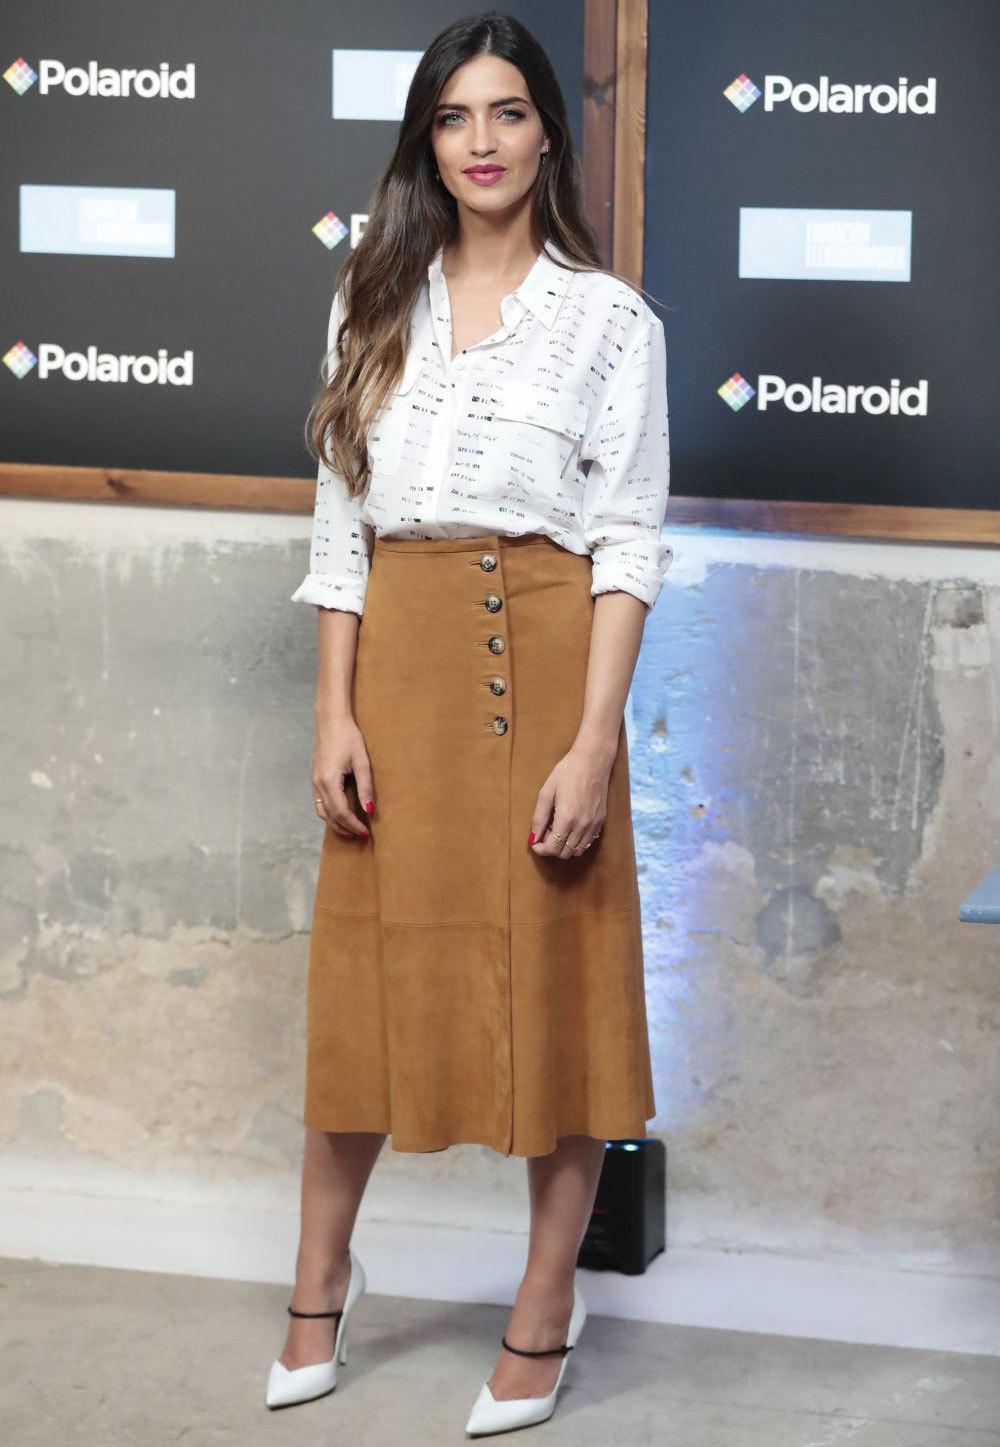 Sara Carbonero en un evento publicitario en Madrid